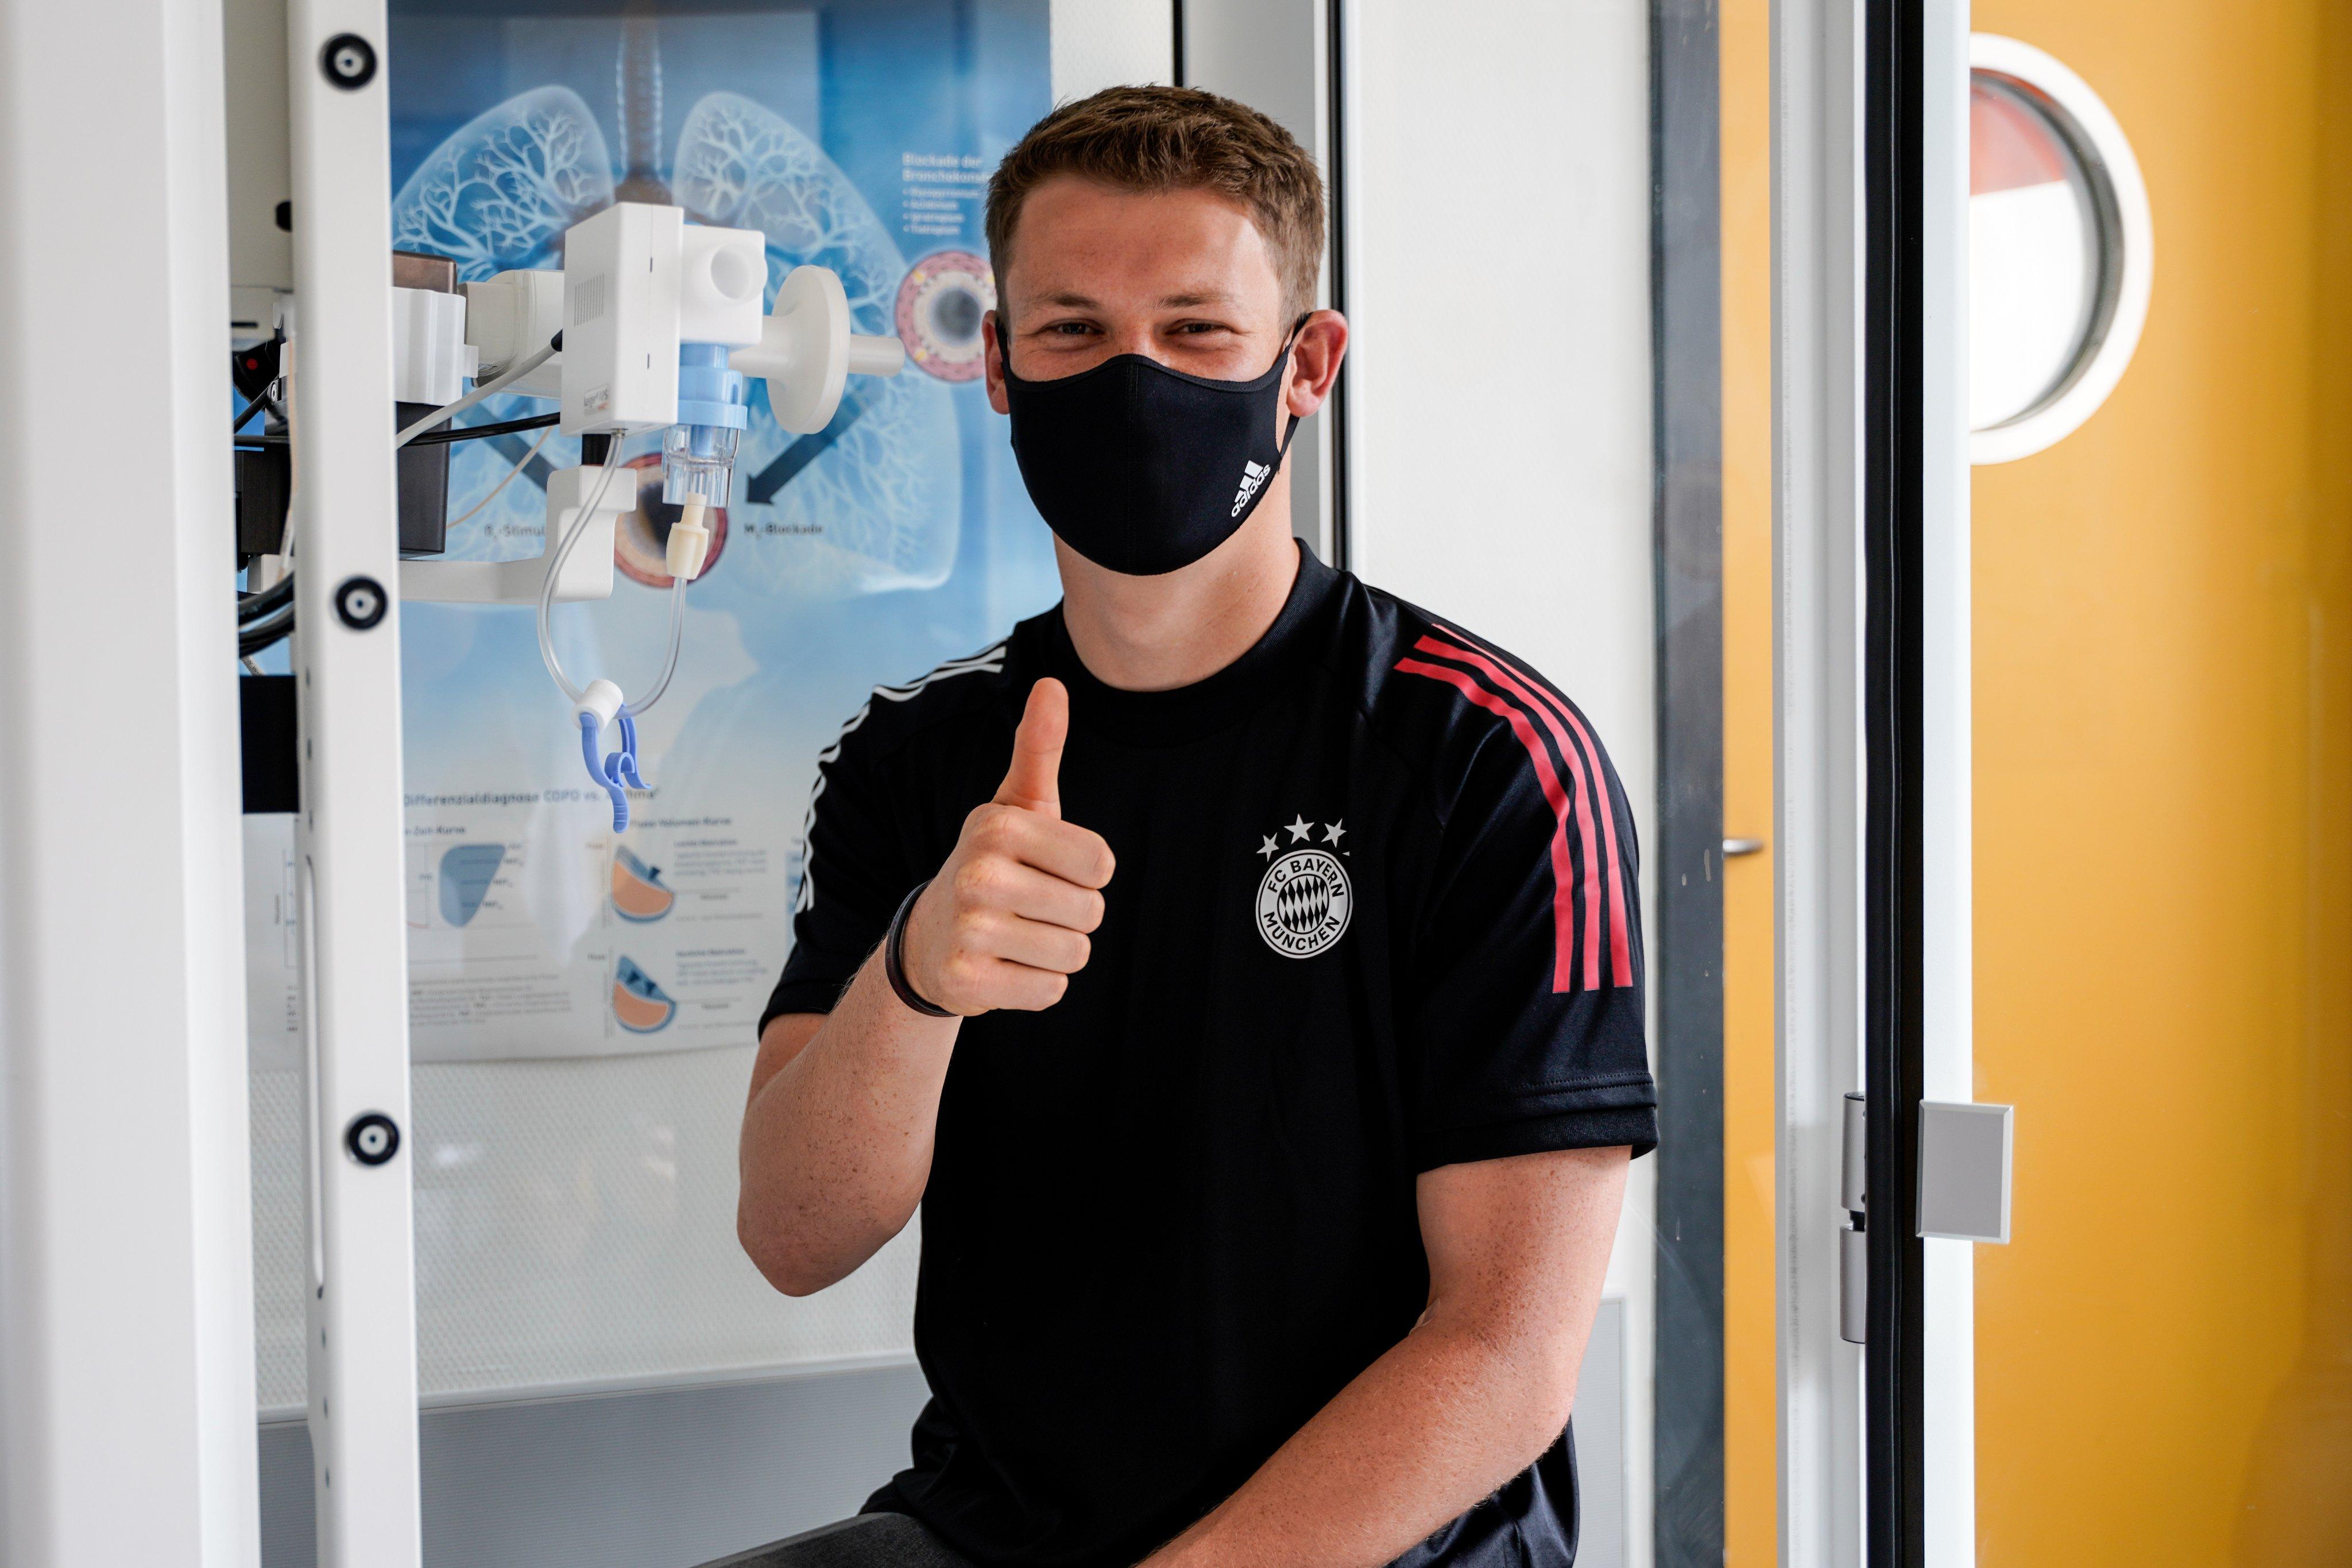 Alexander Nübel absolvierte erfolgreich den Medizincheck beim FC Bayern.